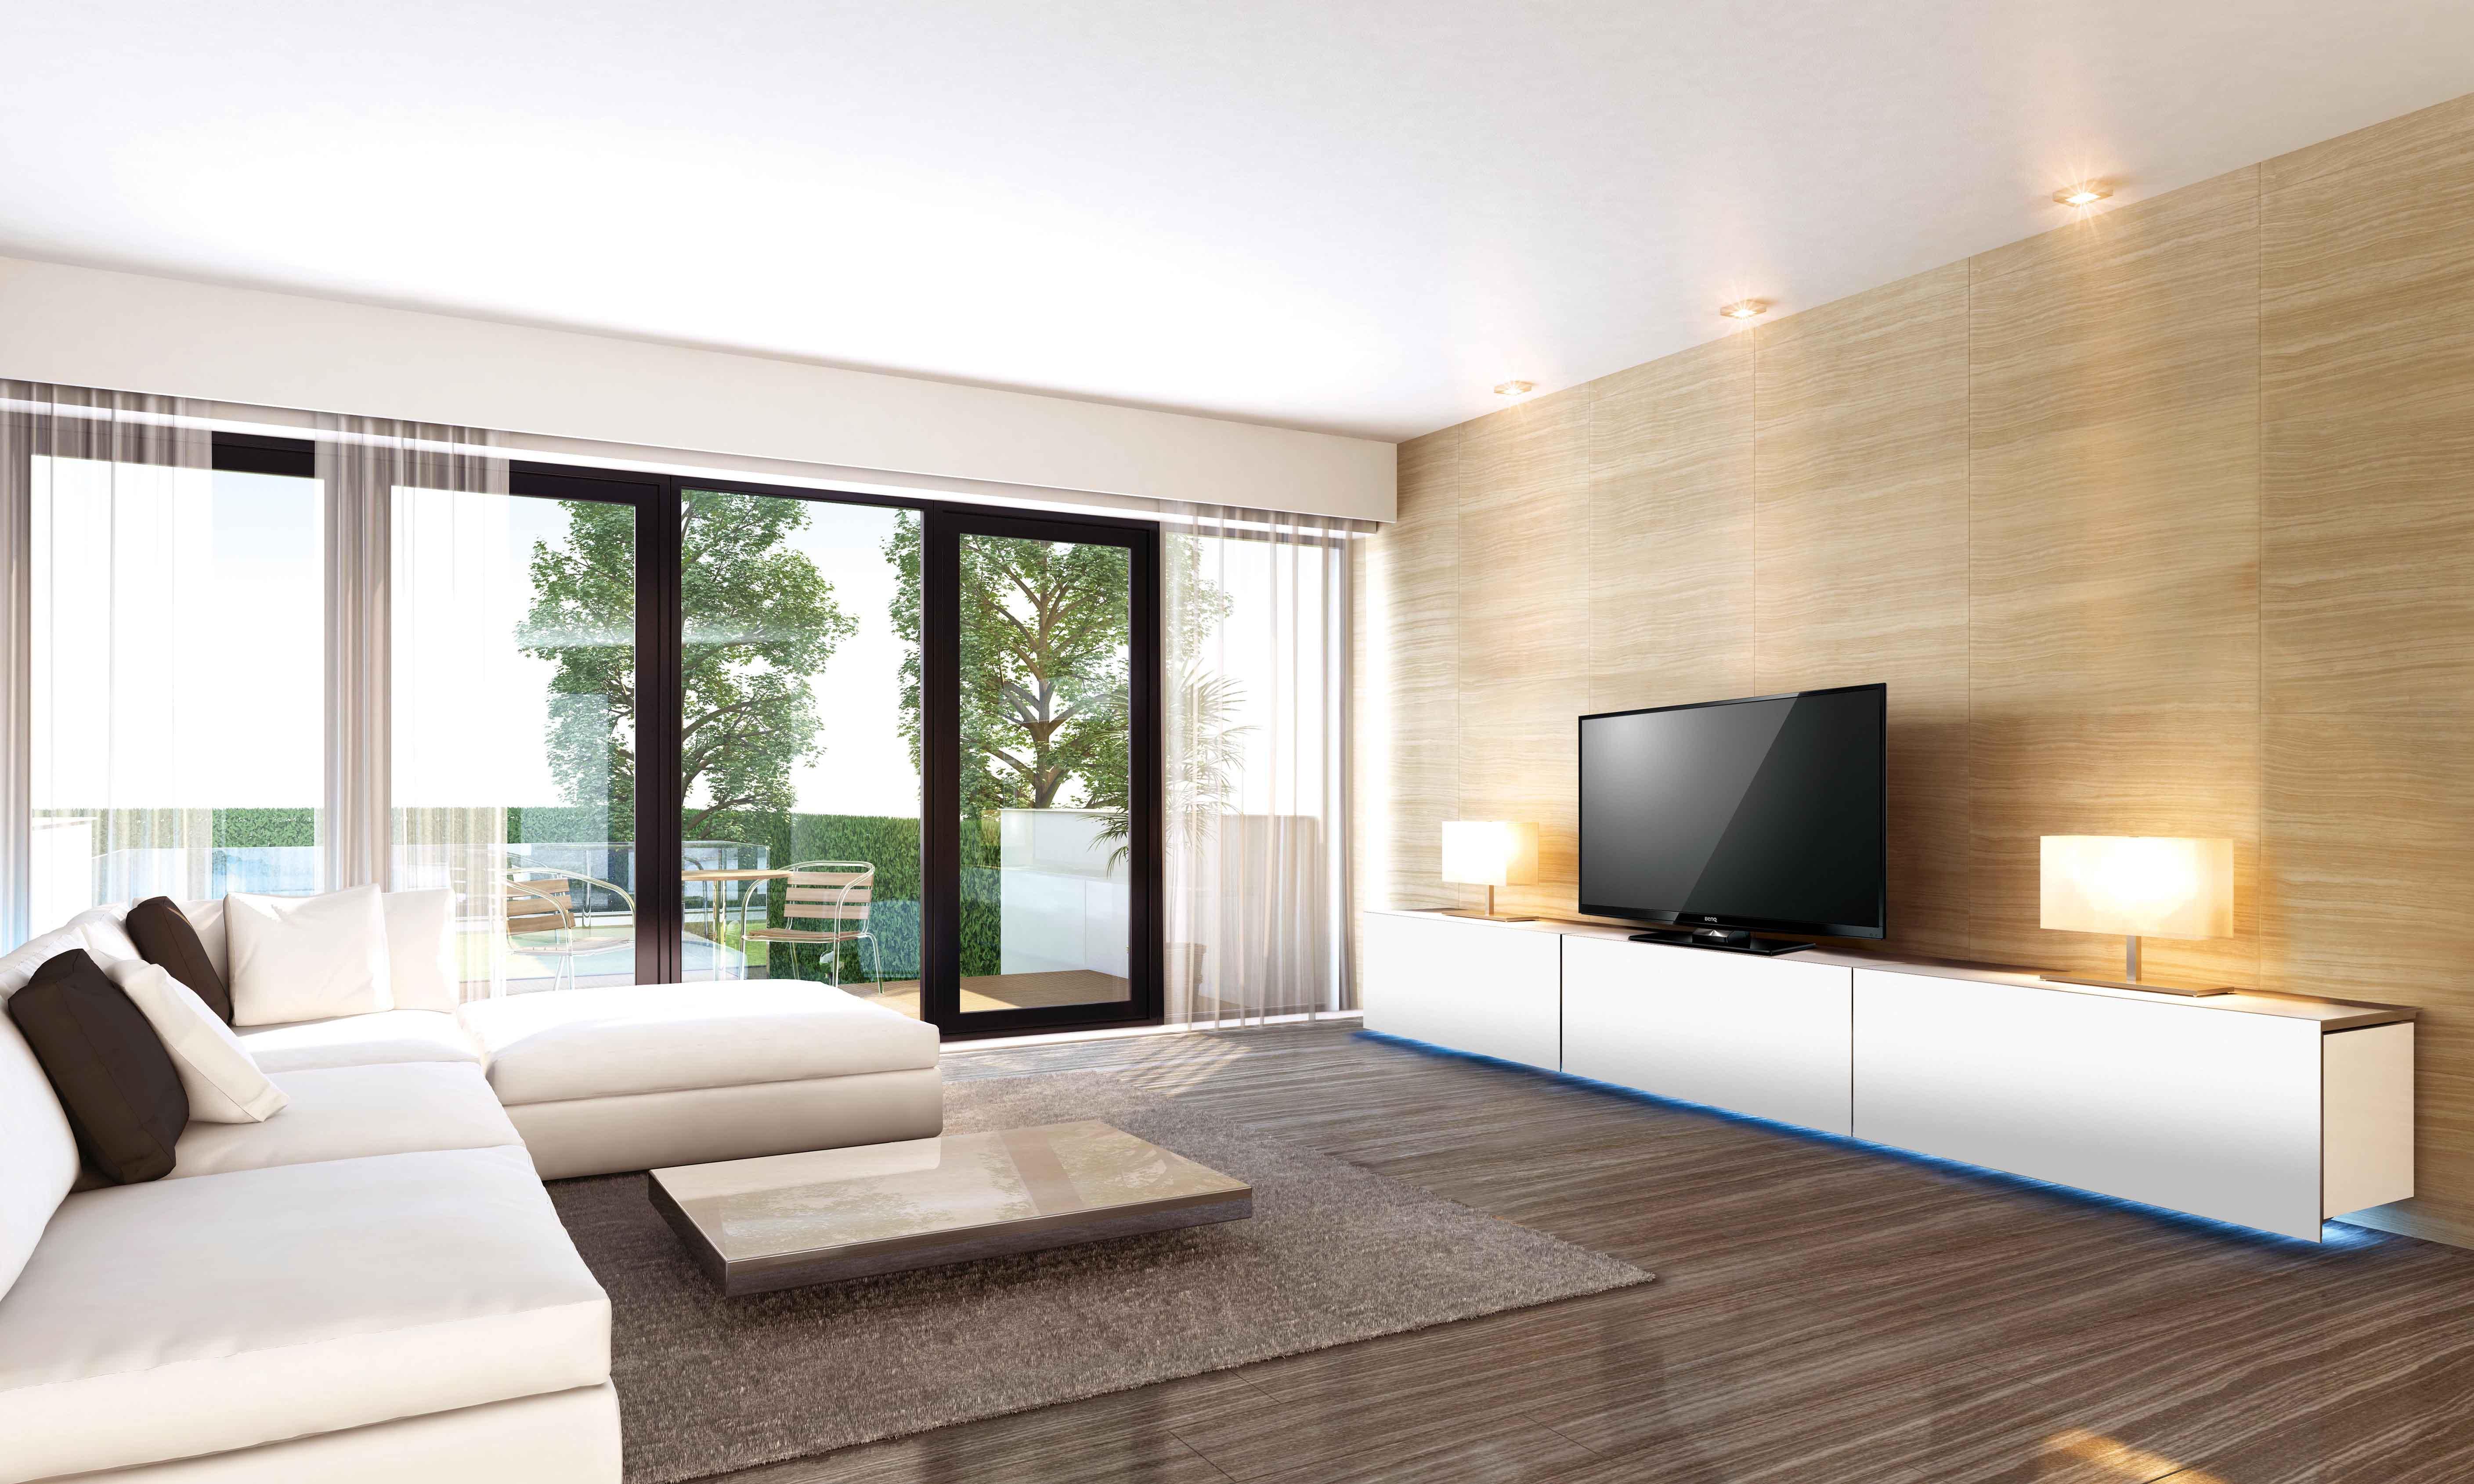 護眼大型液晶領導品牌BenQ 推出全球首款榮獲德國TUV萊因與SGS雙認證AW系列 不閃屏、低藍光、廣色域、大尺寸 一次到位